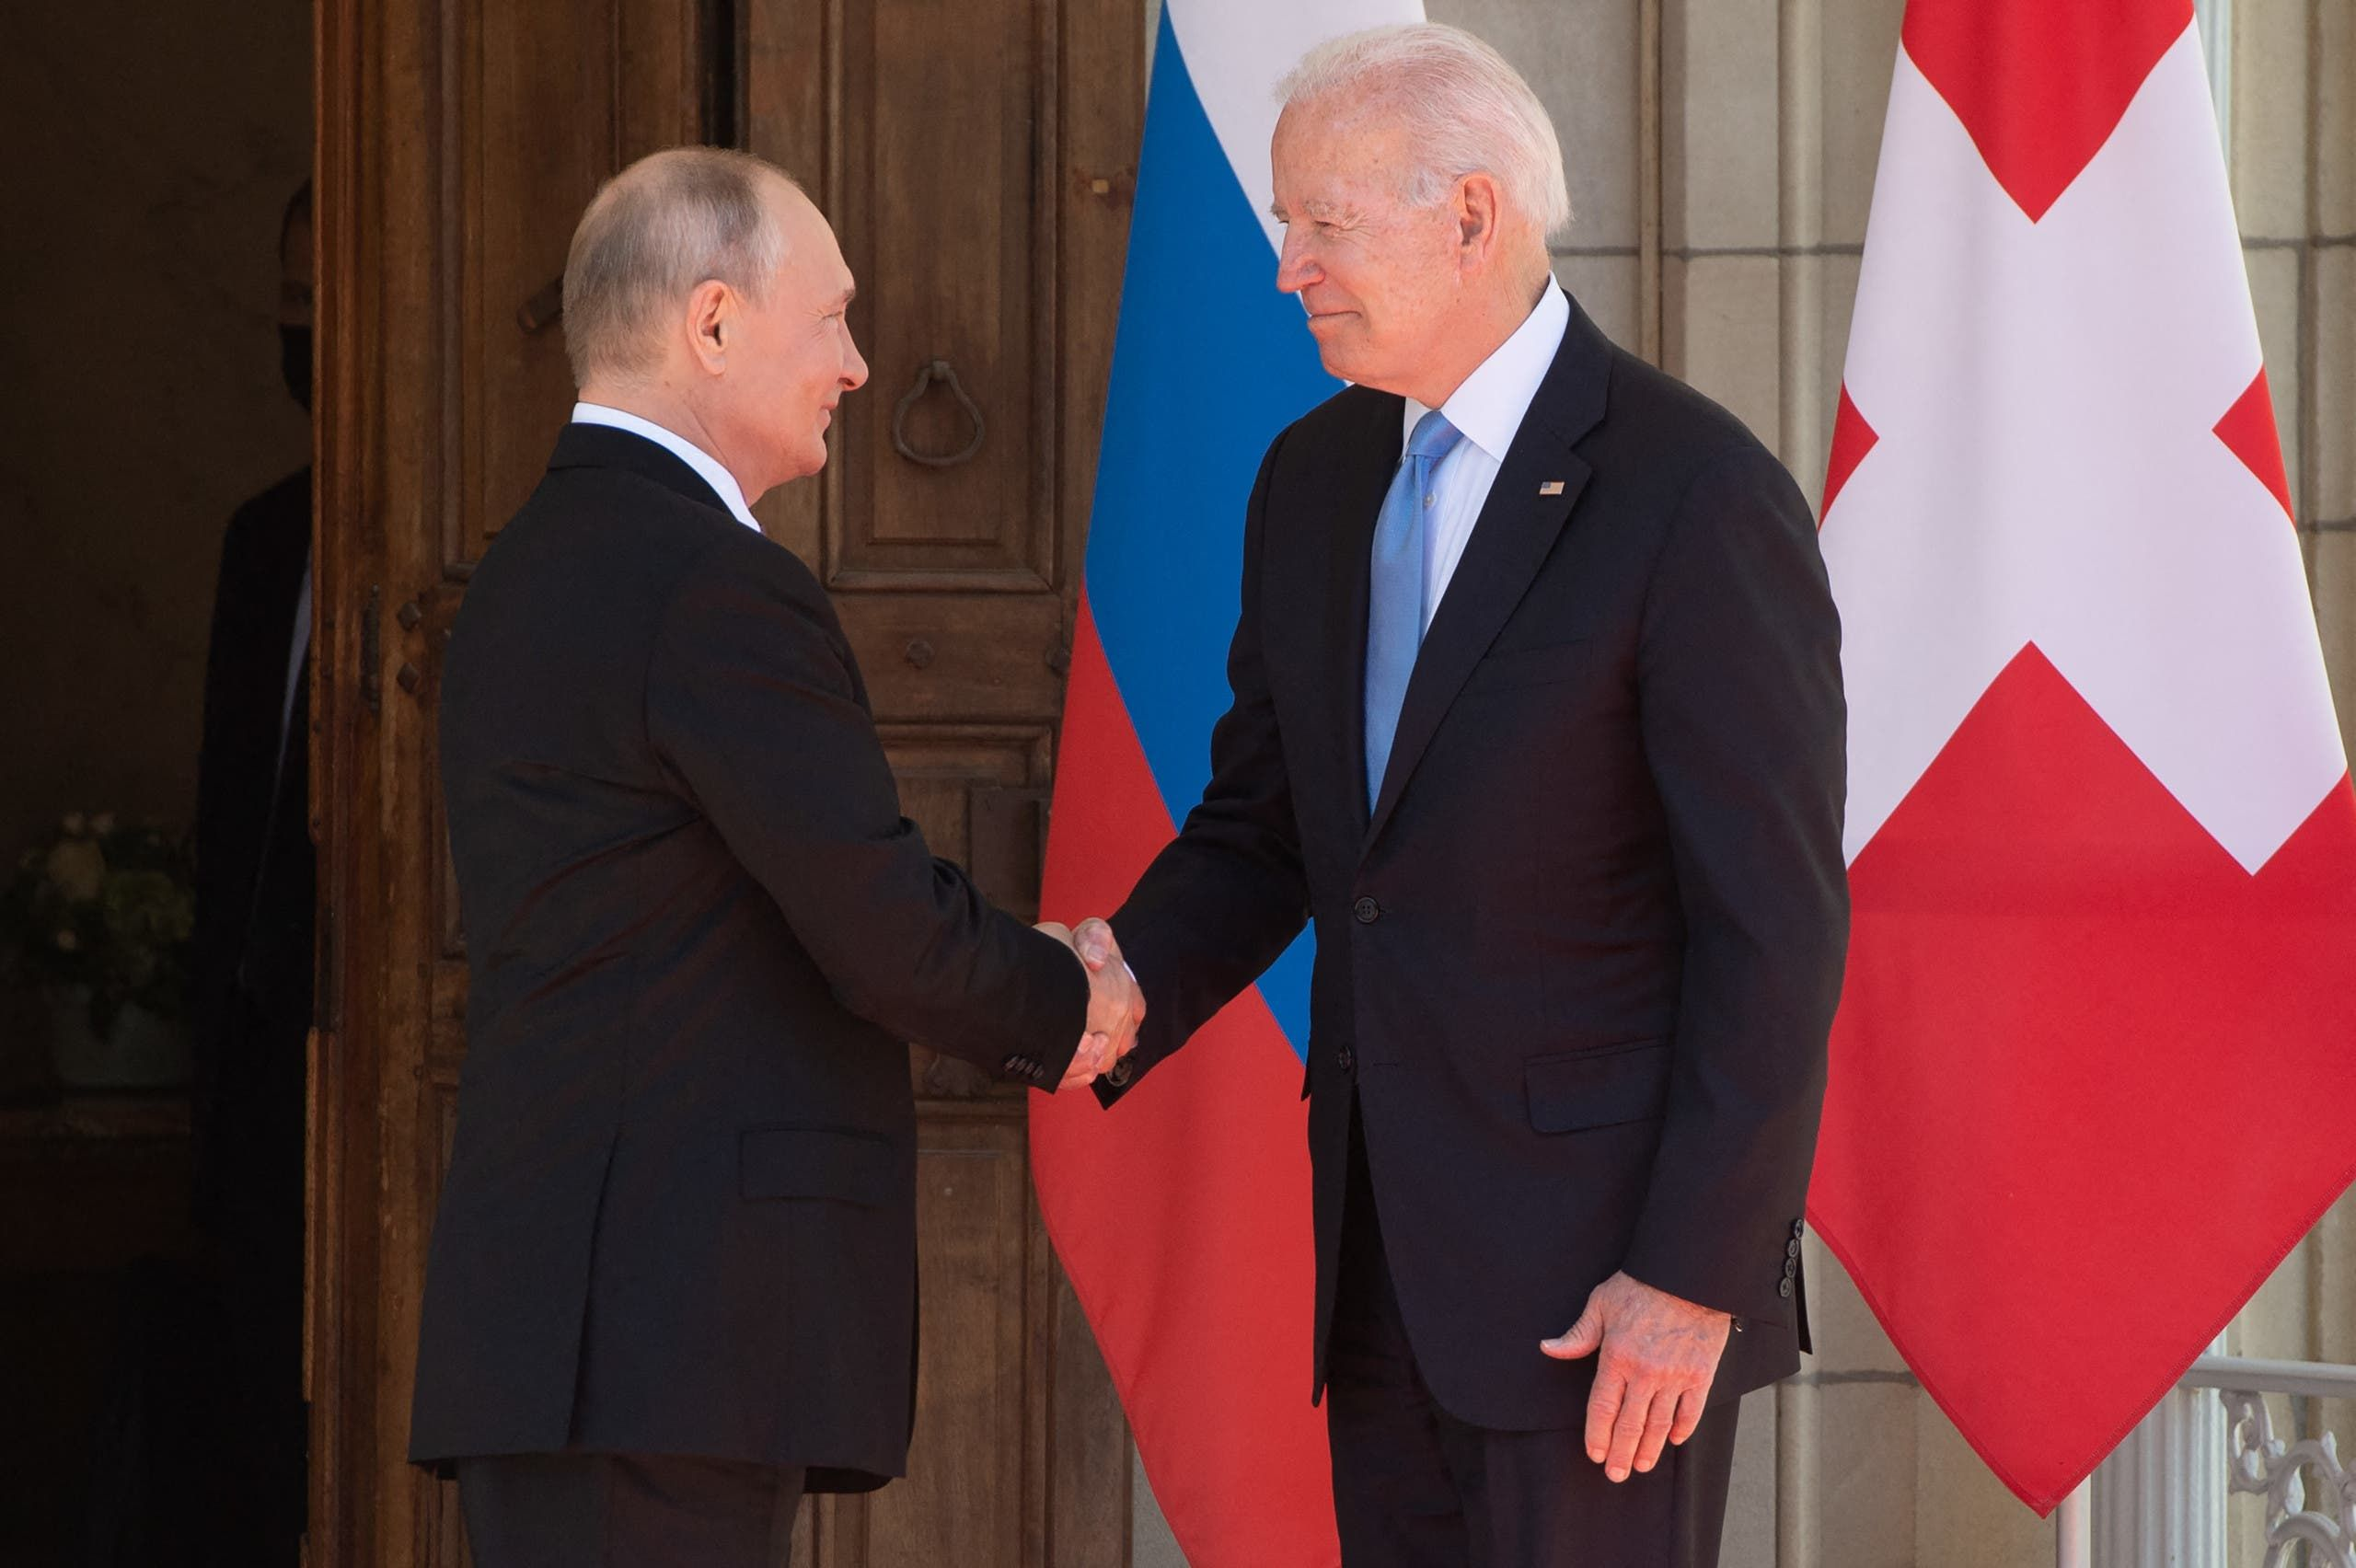 مصافحة بين بوتين وبايدن في أول لقاء بينهم في جنيف منذ انتخاب الرئيس الأميركي